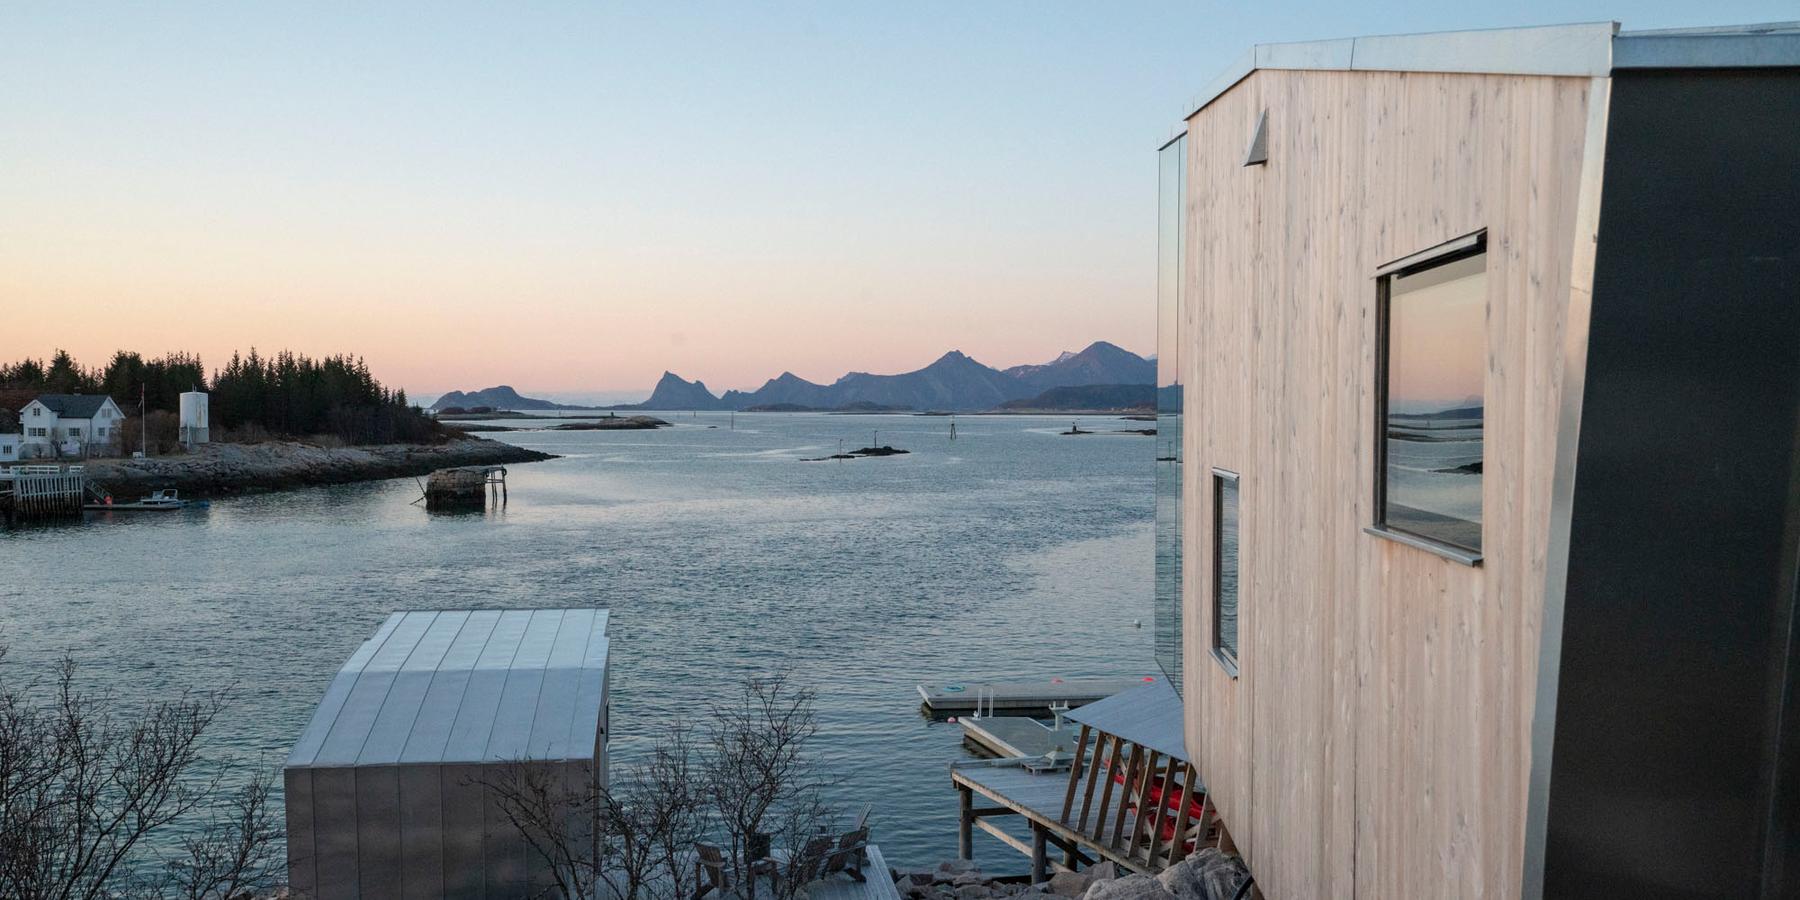 Manshausen in Nordland - Vakantie Noorwegen - Doets Reizen - Credits Visit Norway